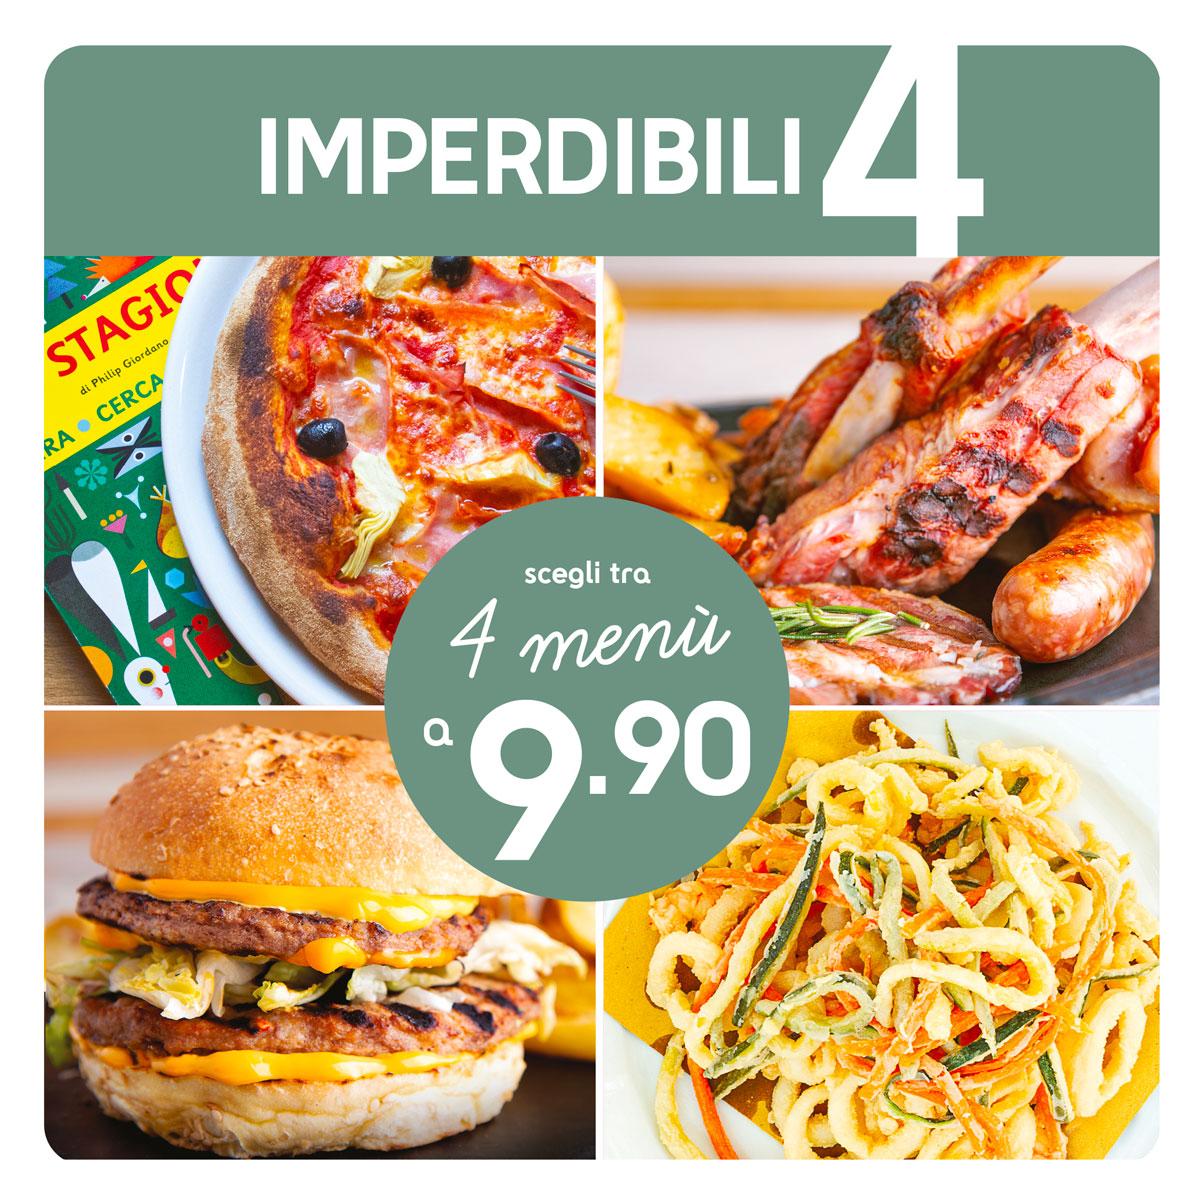 imperdibili_4